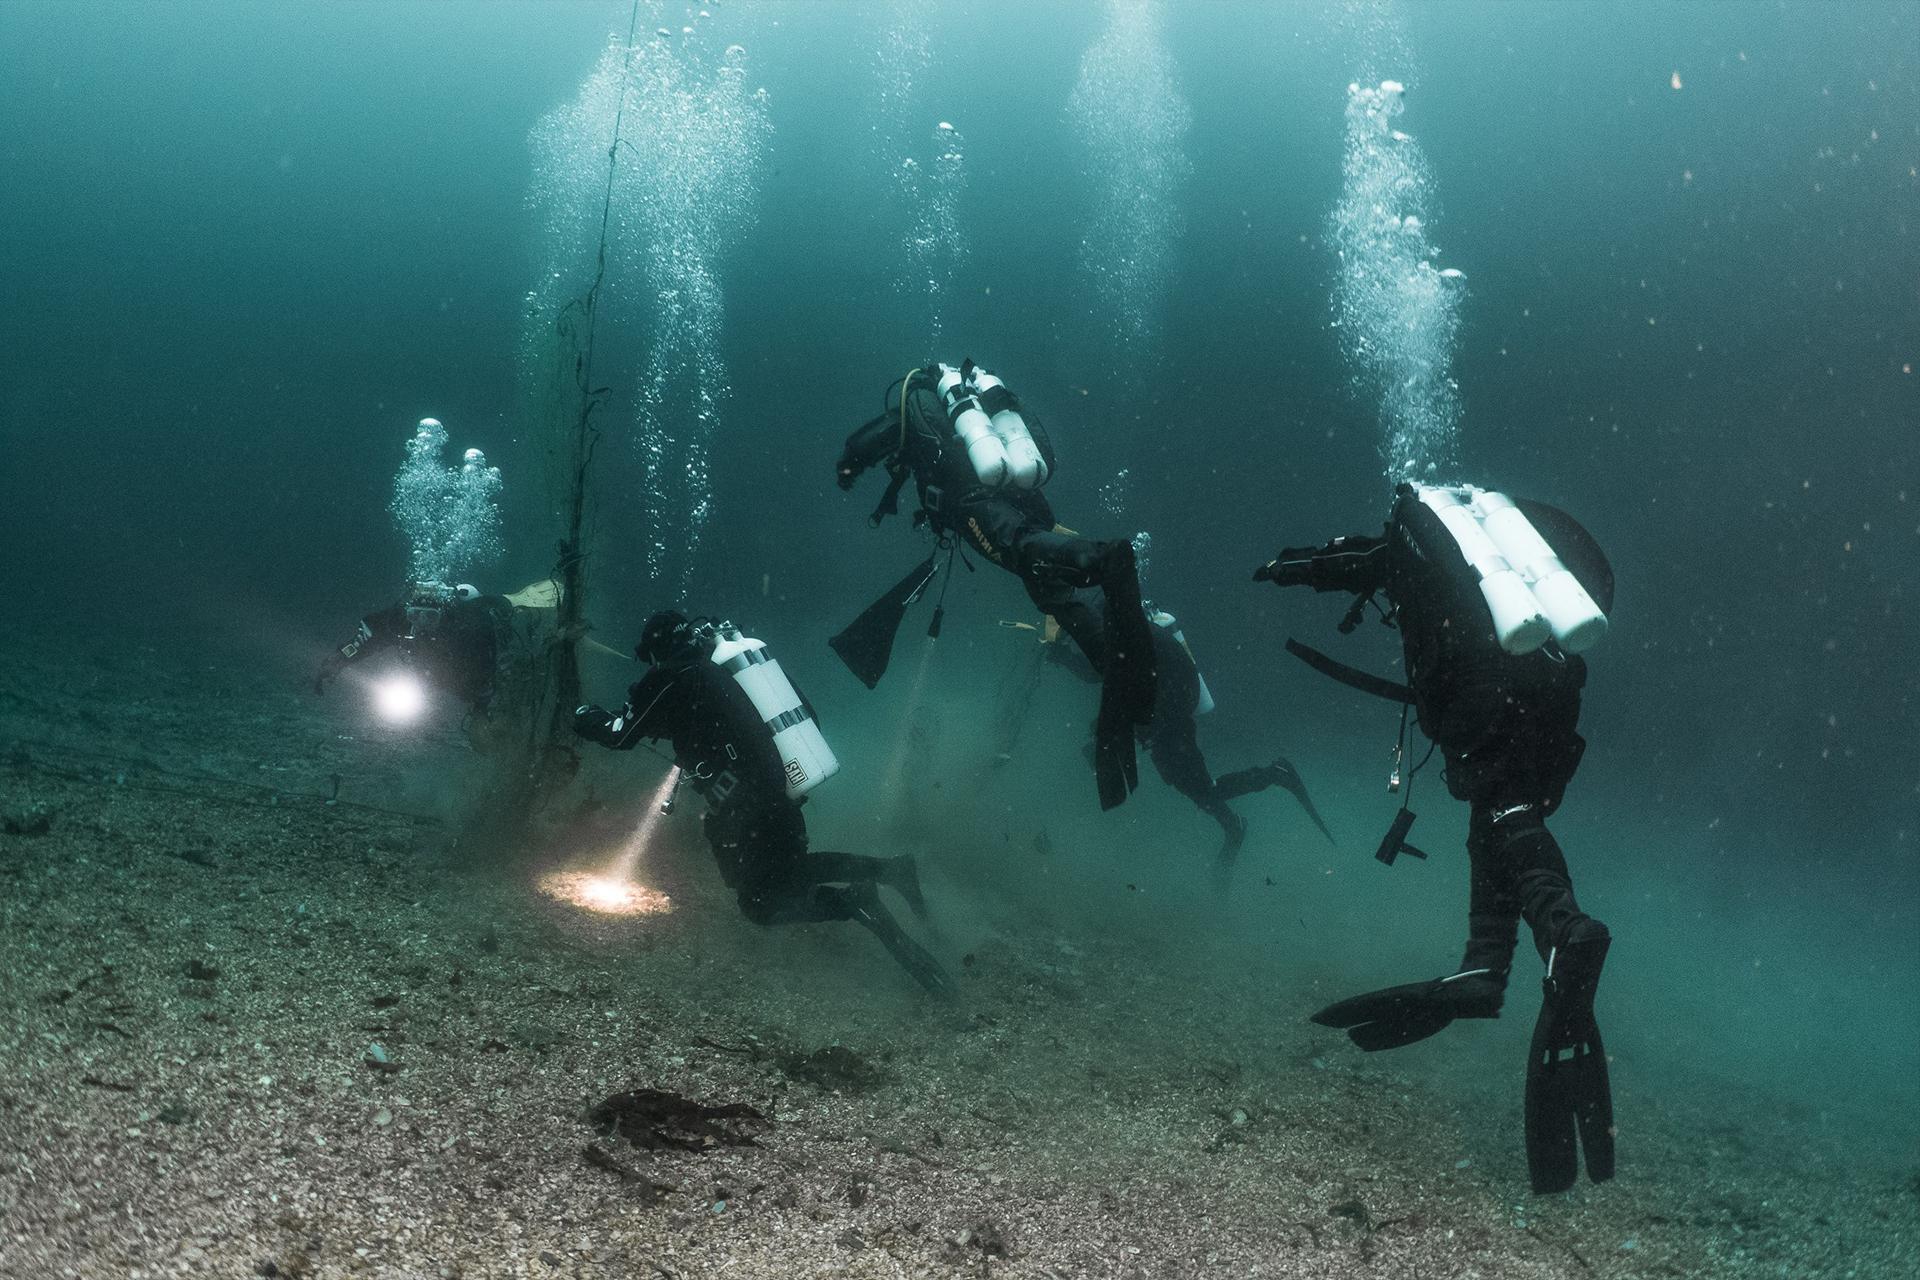 Dykkere rydder havbunnen i Raet nasjonalpark